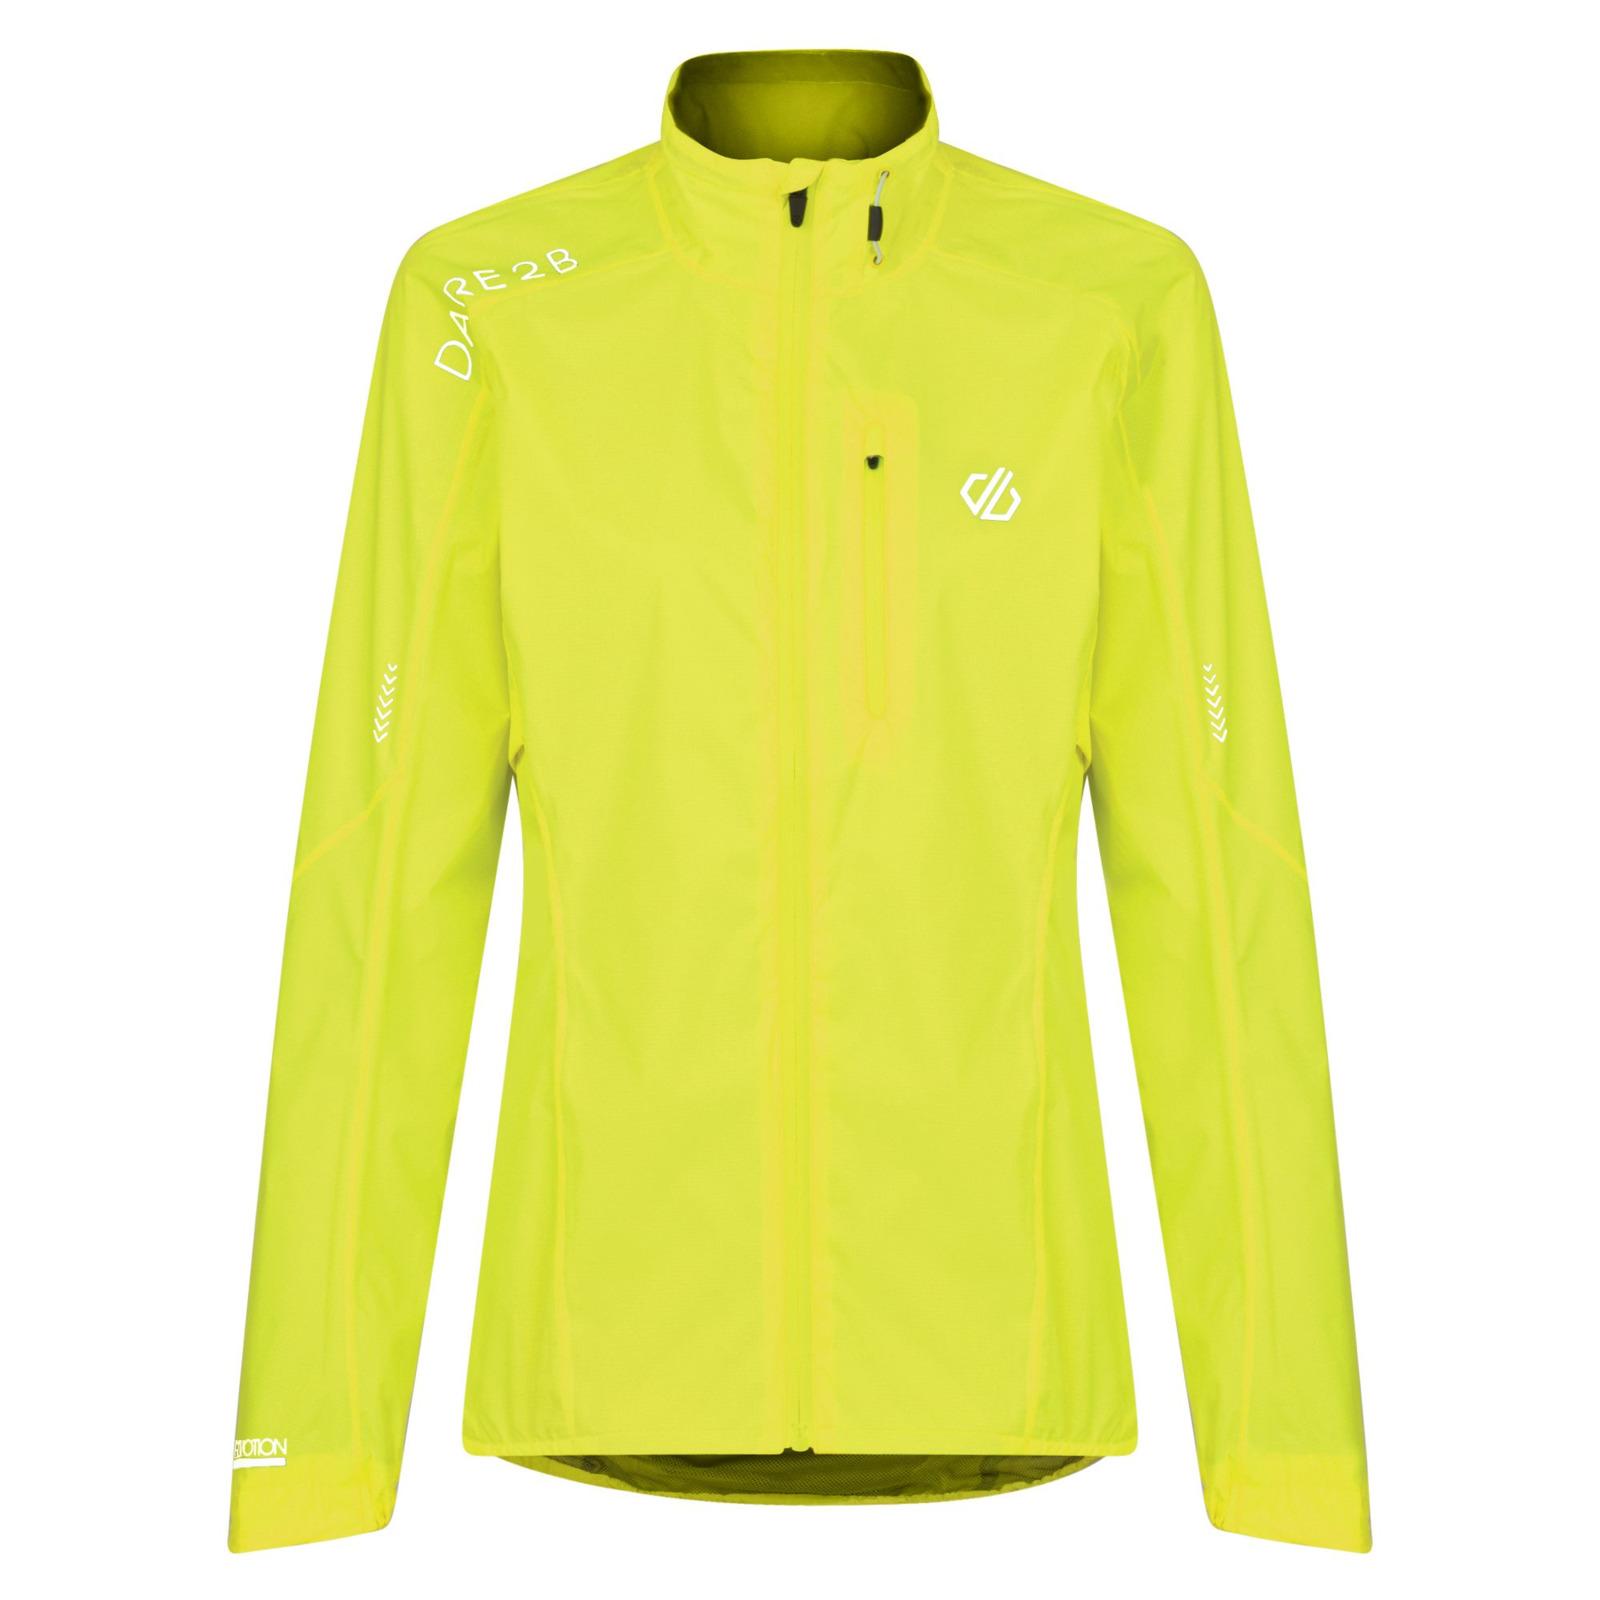 Велокуртка женская Dare 2b Wmn Mediant Jkt, цвет: желтый. DWW456-0M0. Размер 10 (42)